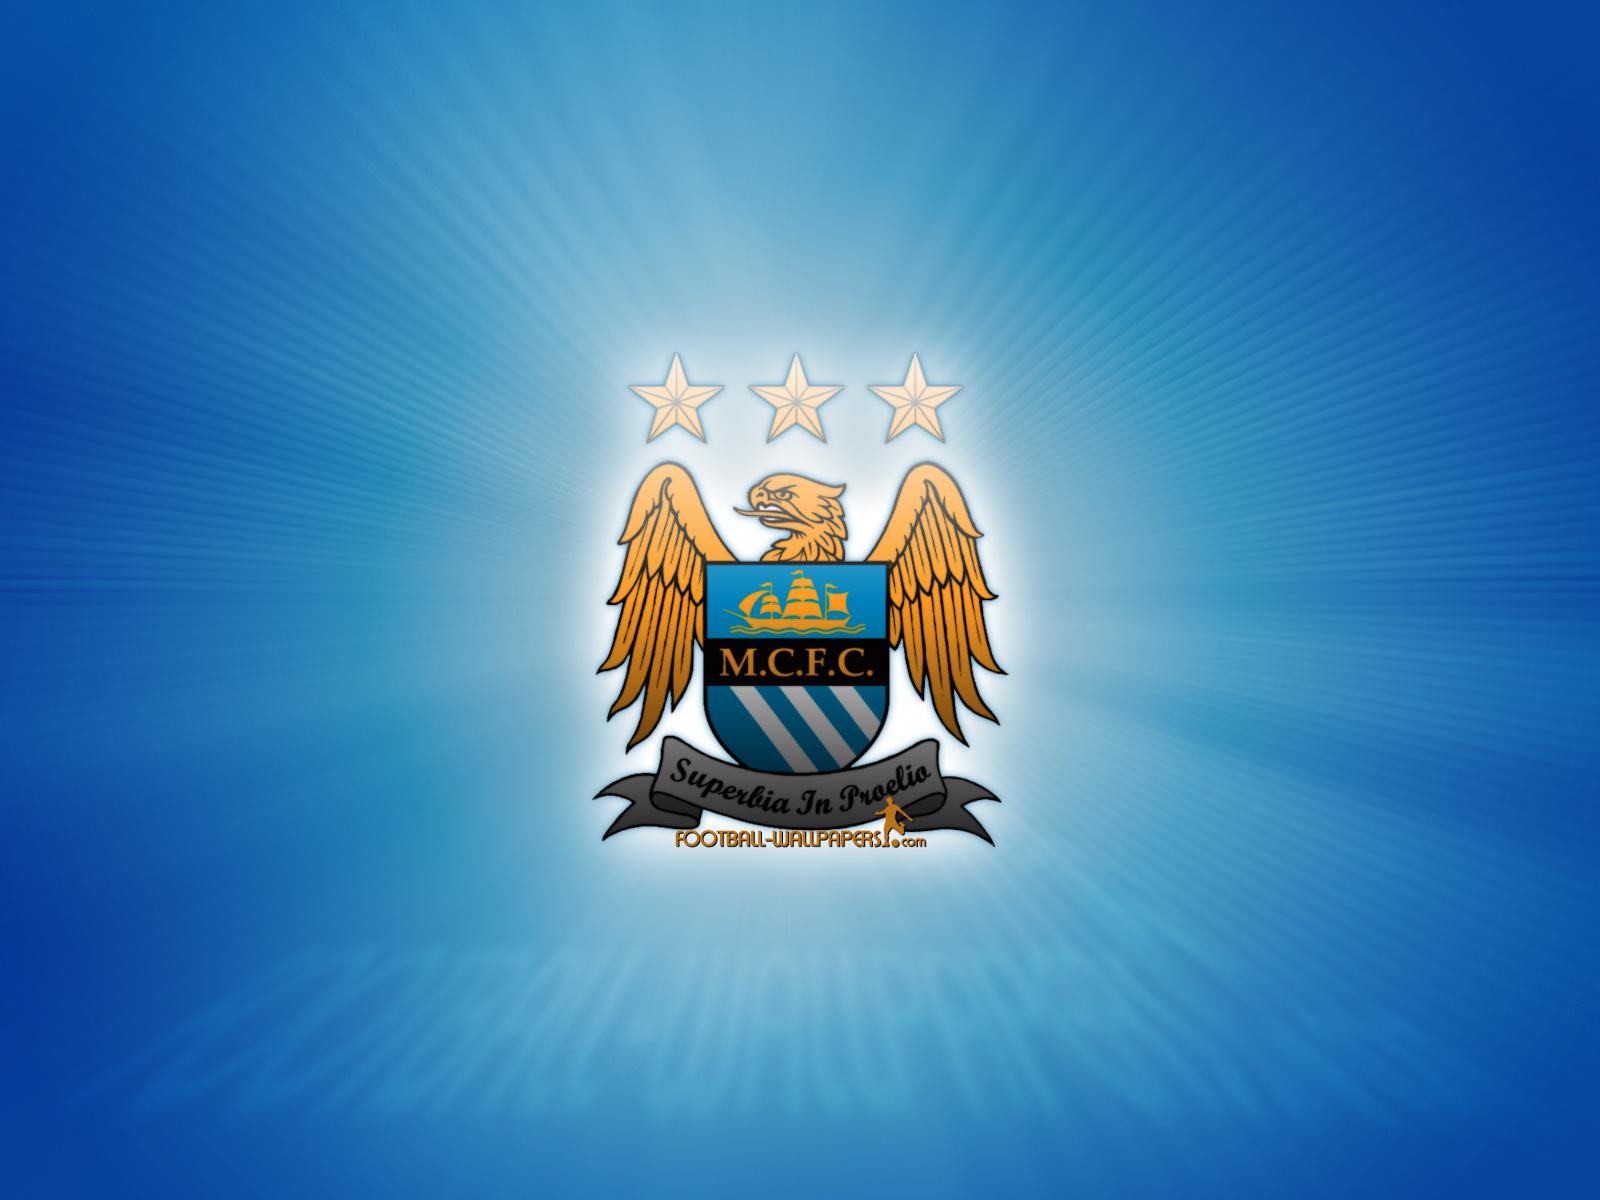 Manchester City Wallpaper: Manchester City Logo Wallpaper